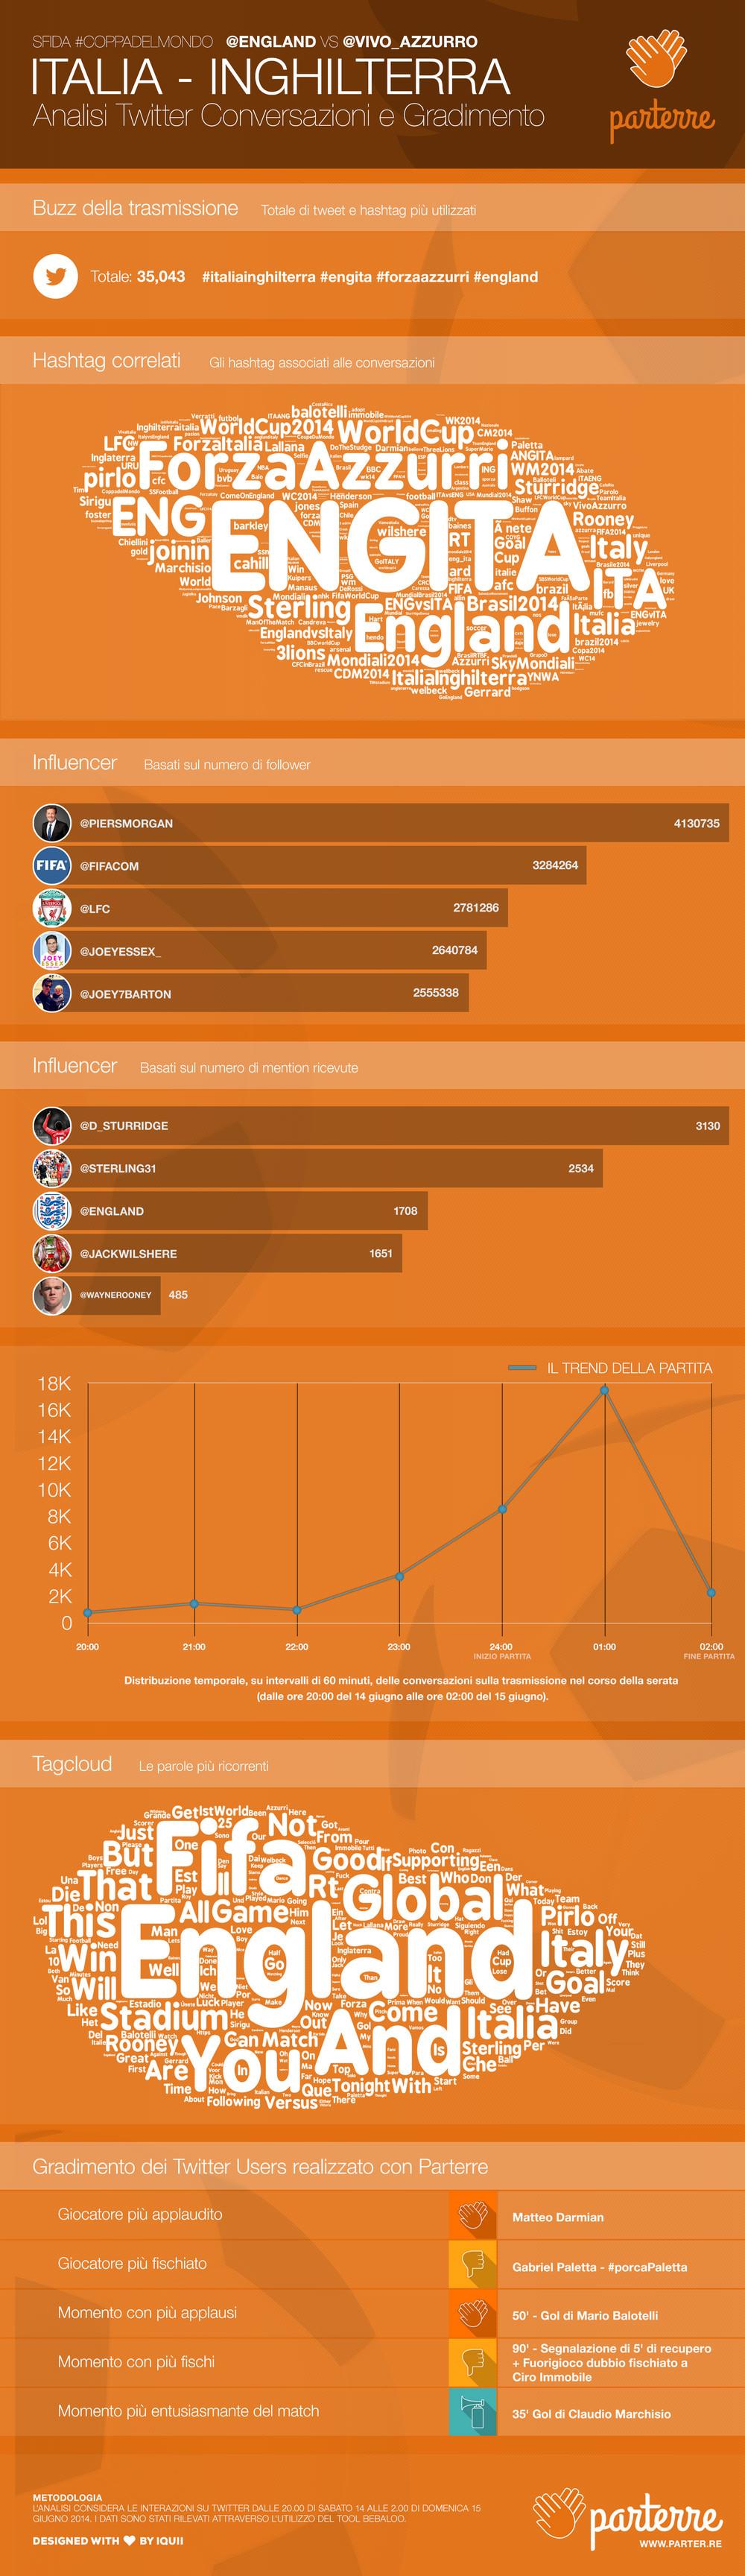 Italia-Inghilterra - Data Analysis Twitter